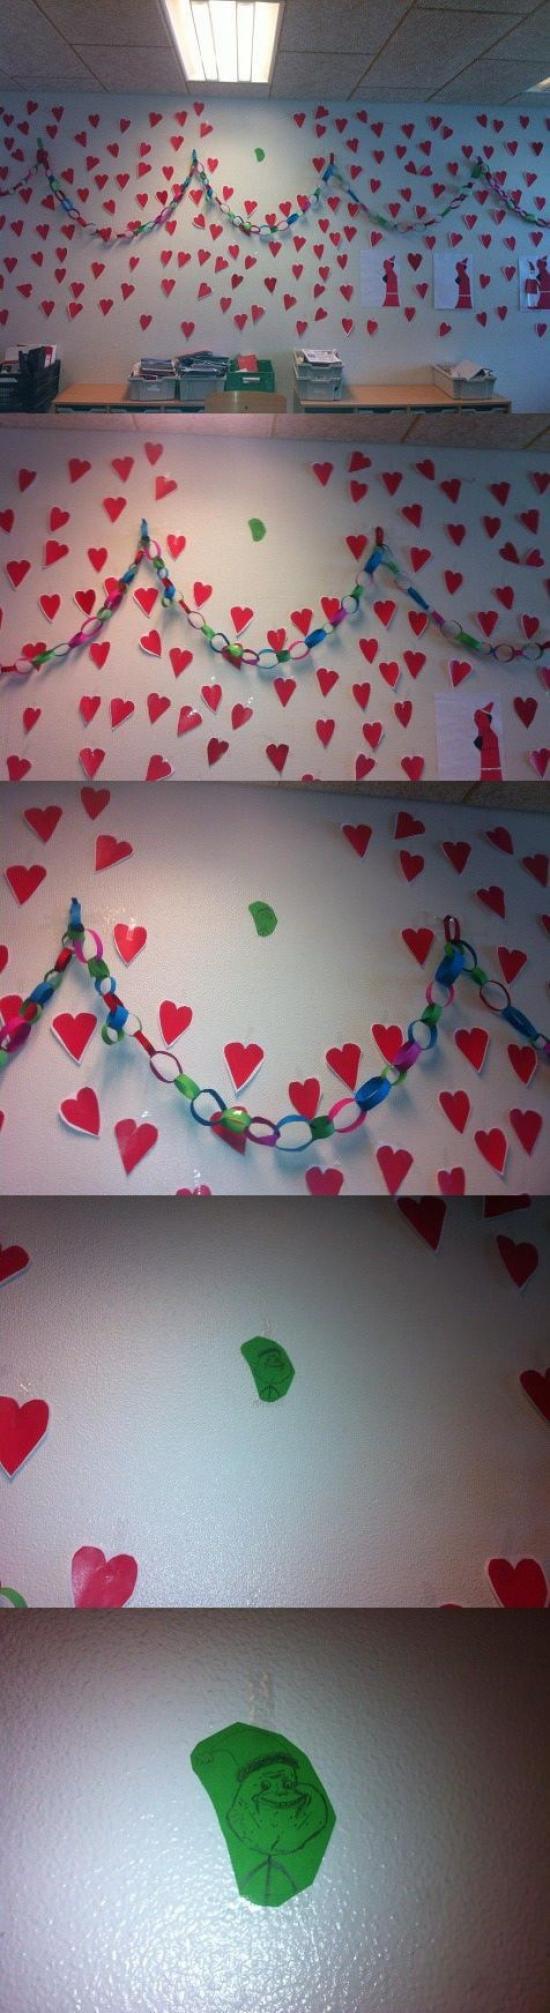 corazones,decoracion,forever alone,pared,rojo,verde